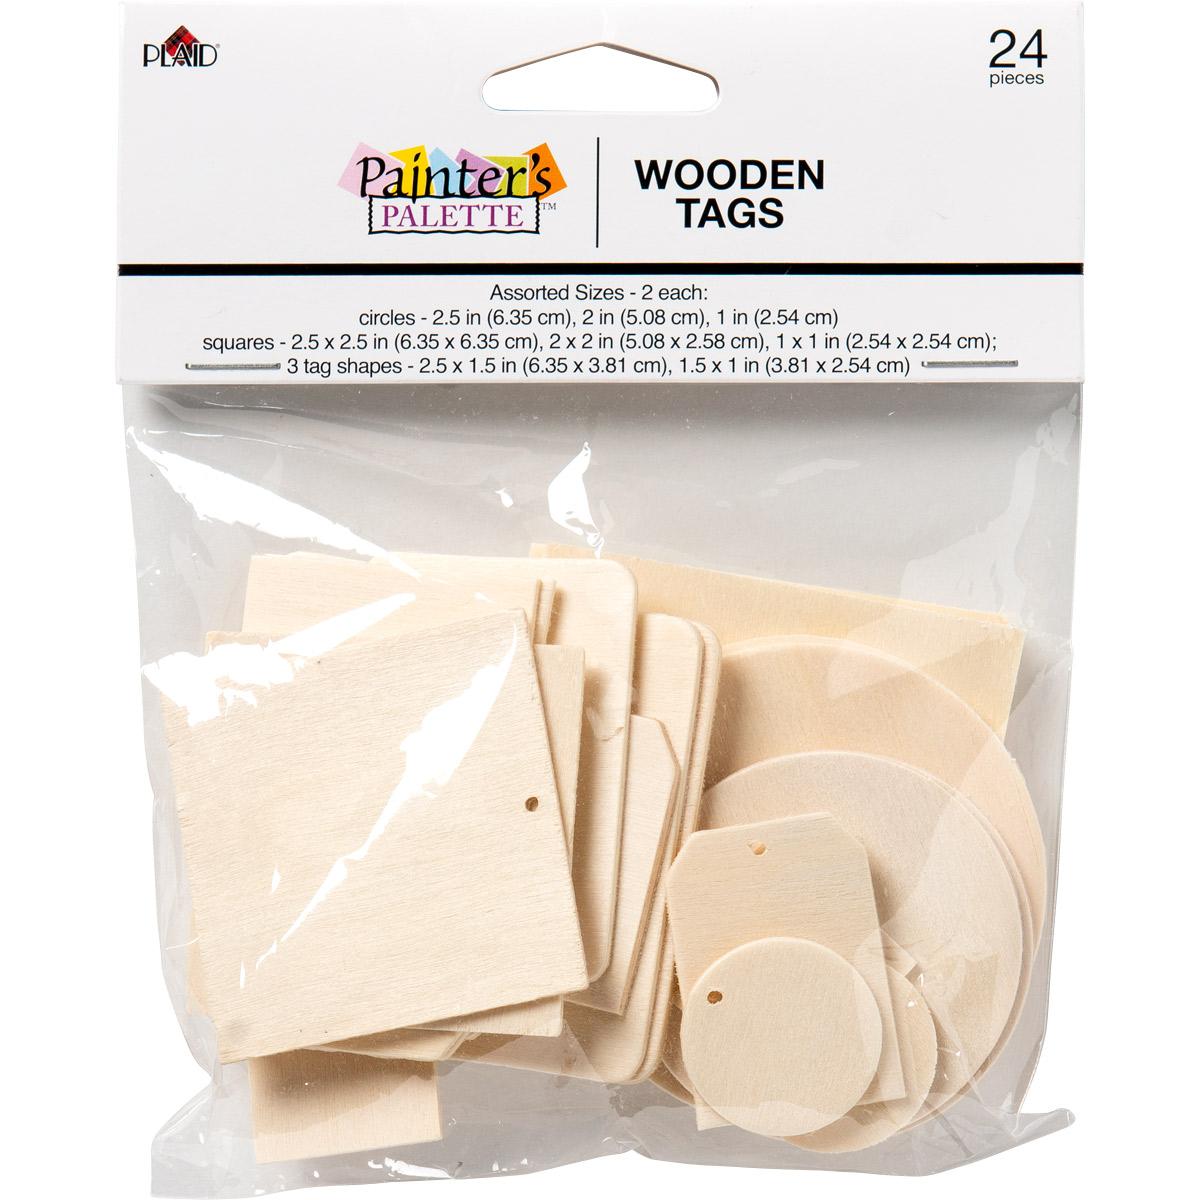 Plaid ® Painter's Palette™ Wood Tags, 24 pc.